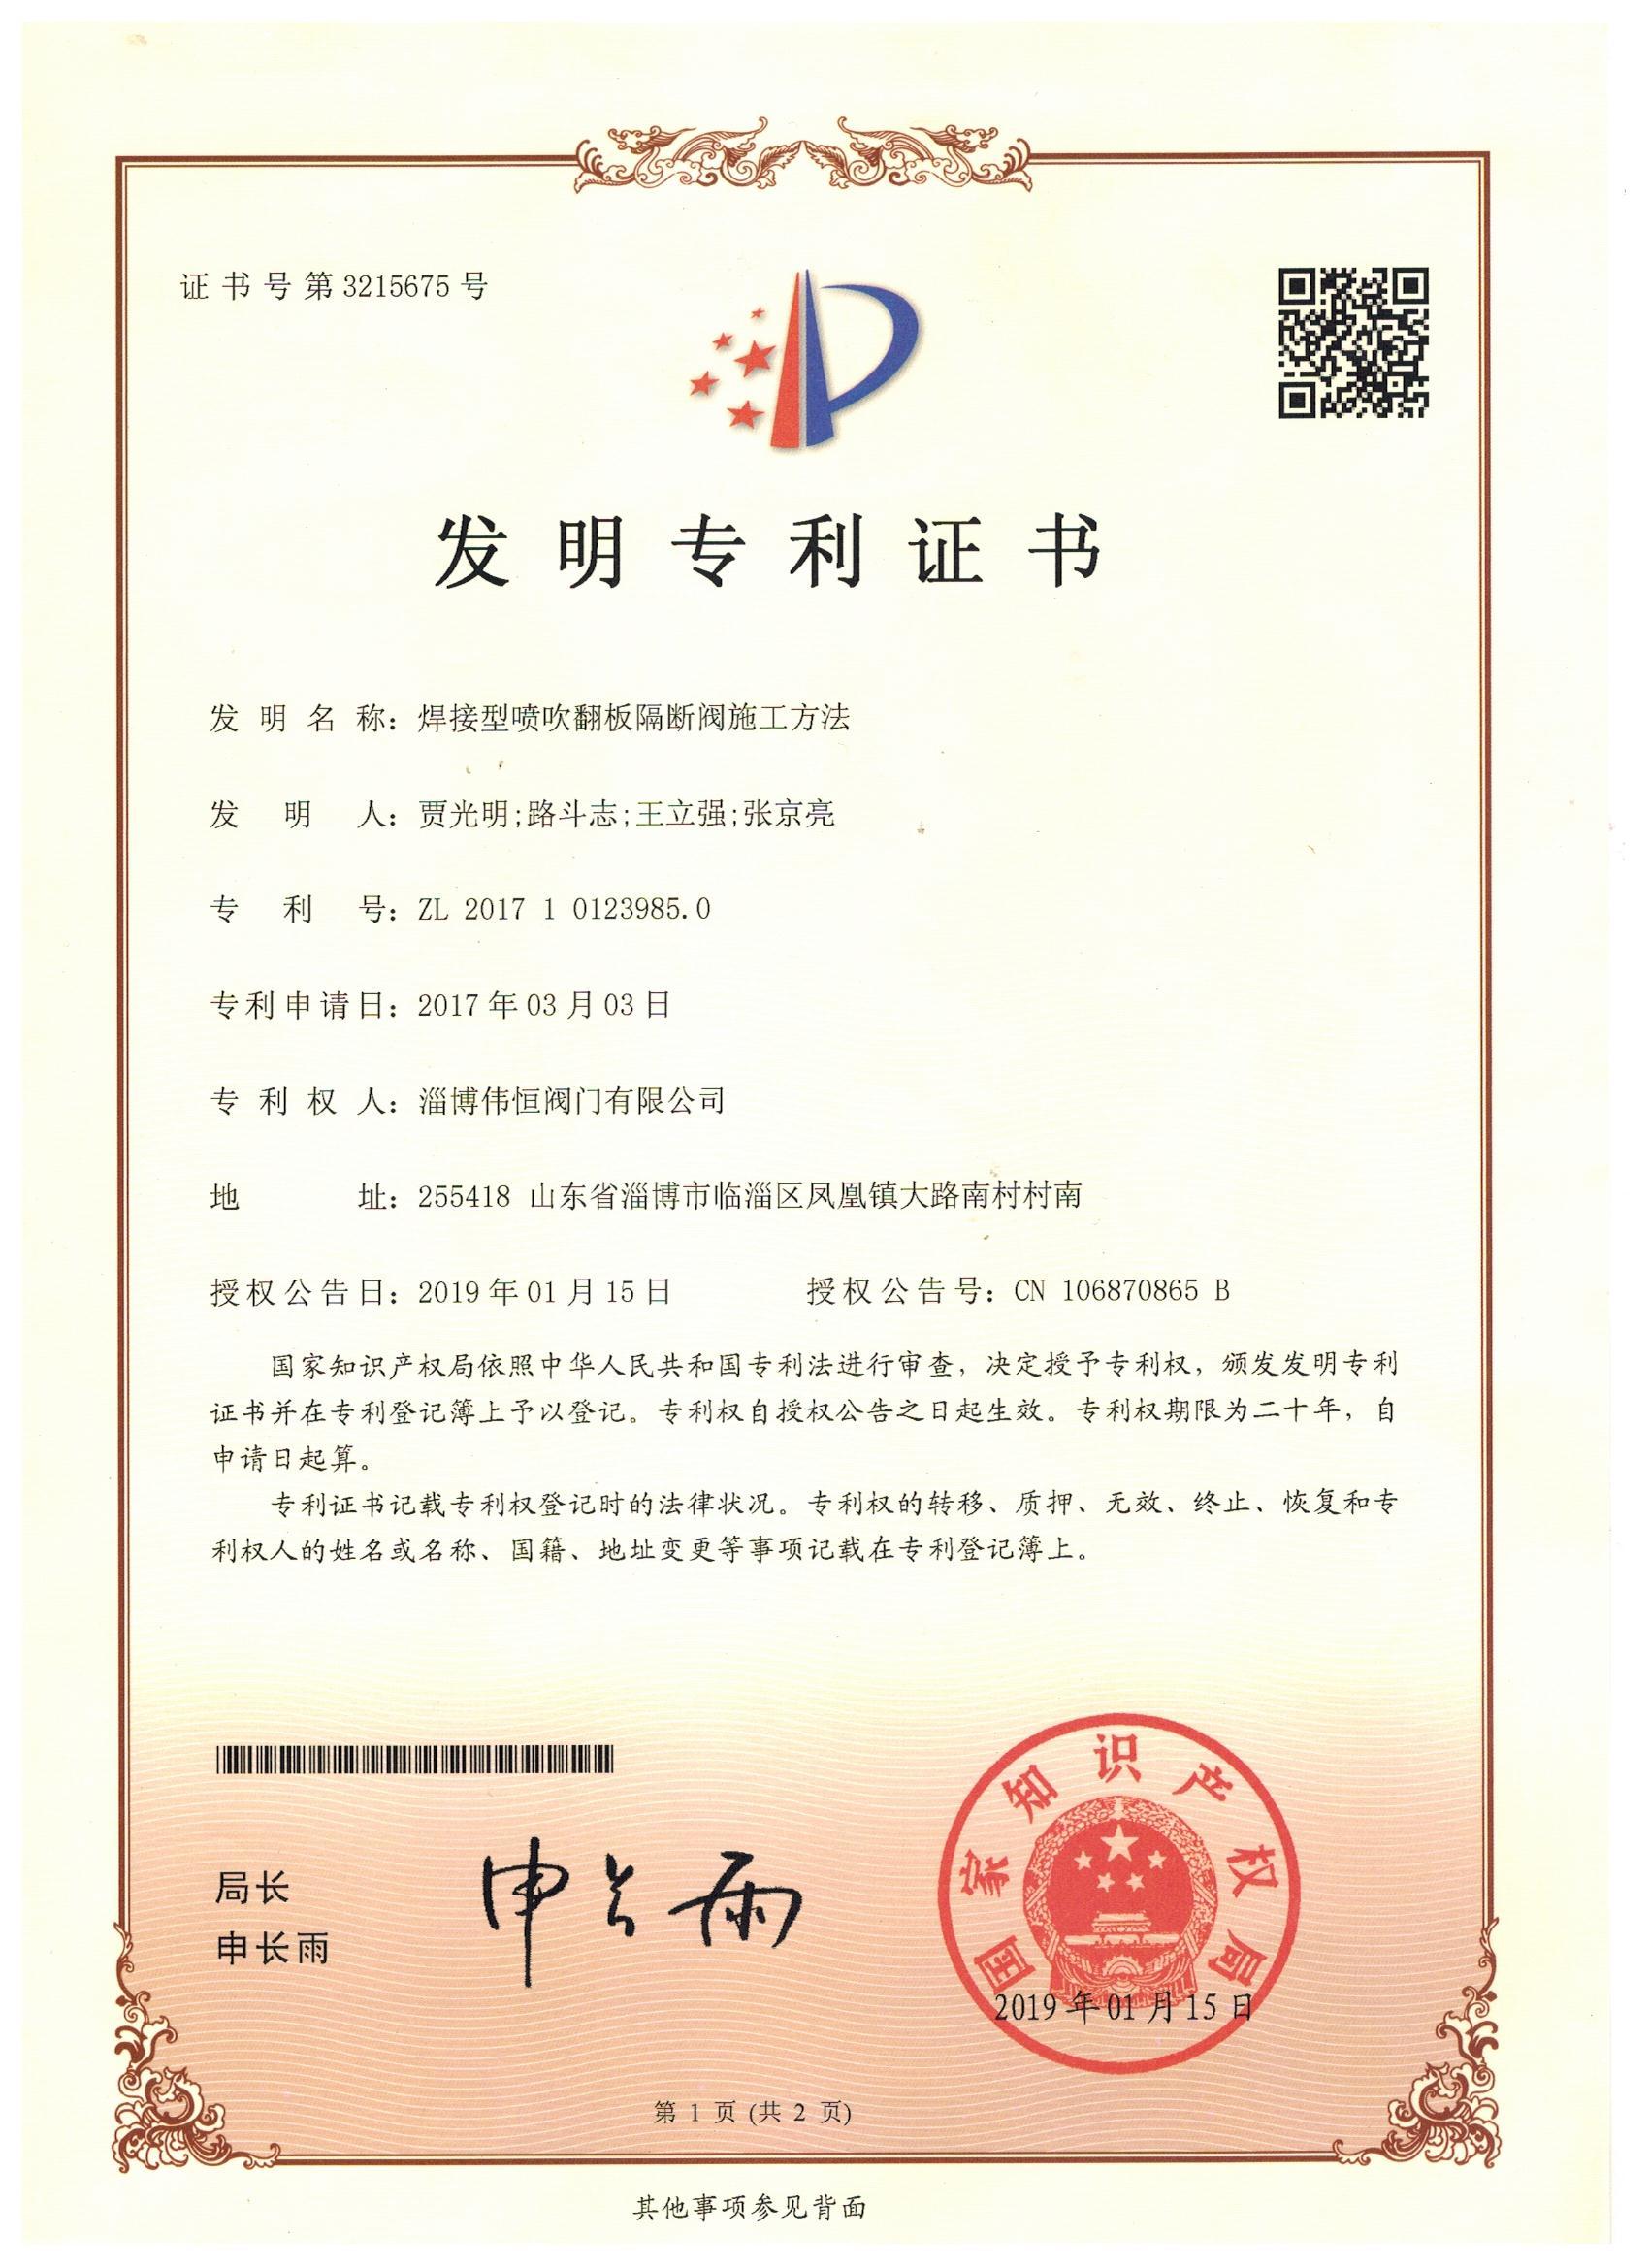 焊接型喷吹翻板隔断阀施工办法发明专利证书